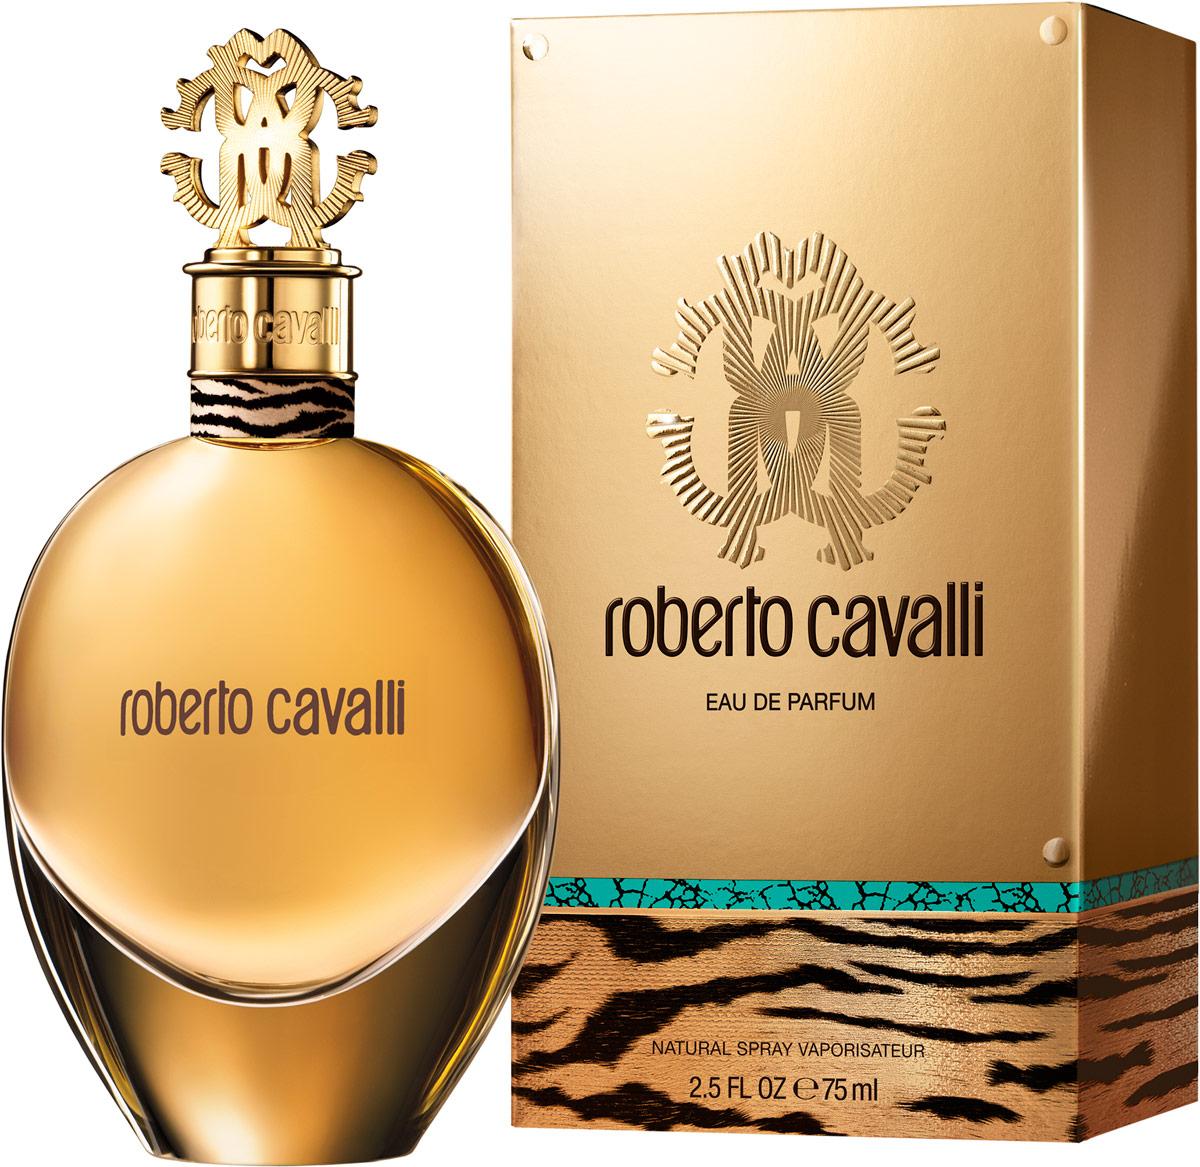 Roberto Cavalli Парфюмерная вода 75 мл парфюмерная вода 75 мл roberto cavalli парфюмерная вода 75 мл